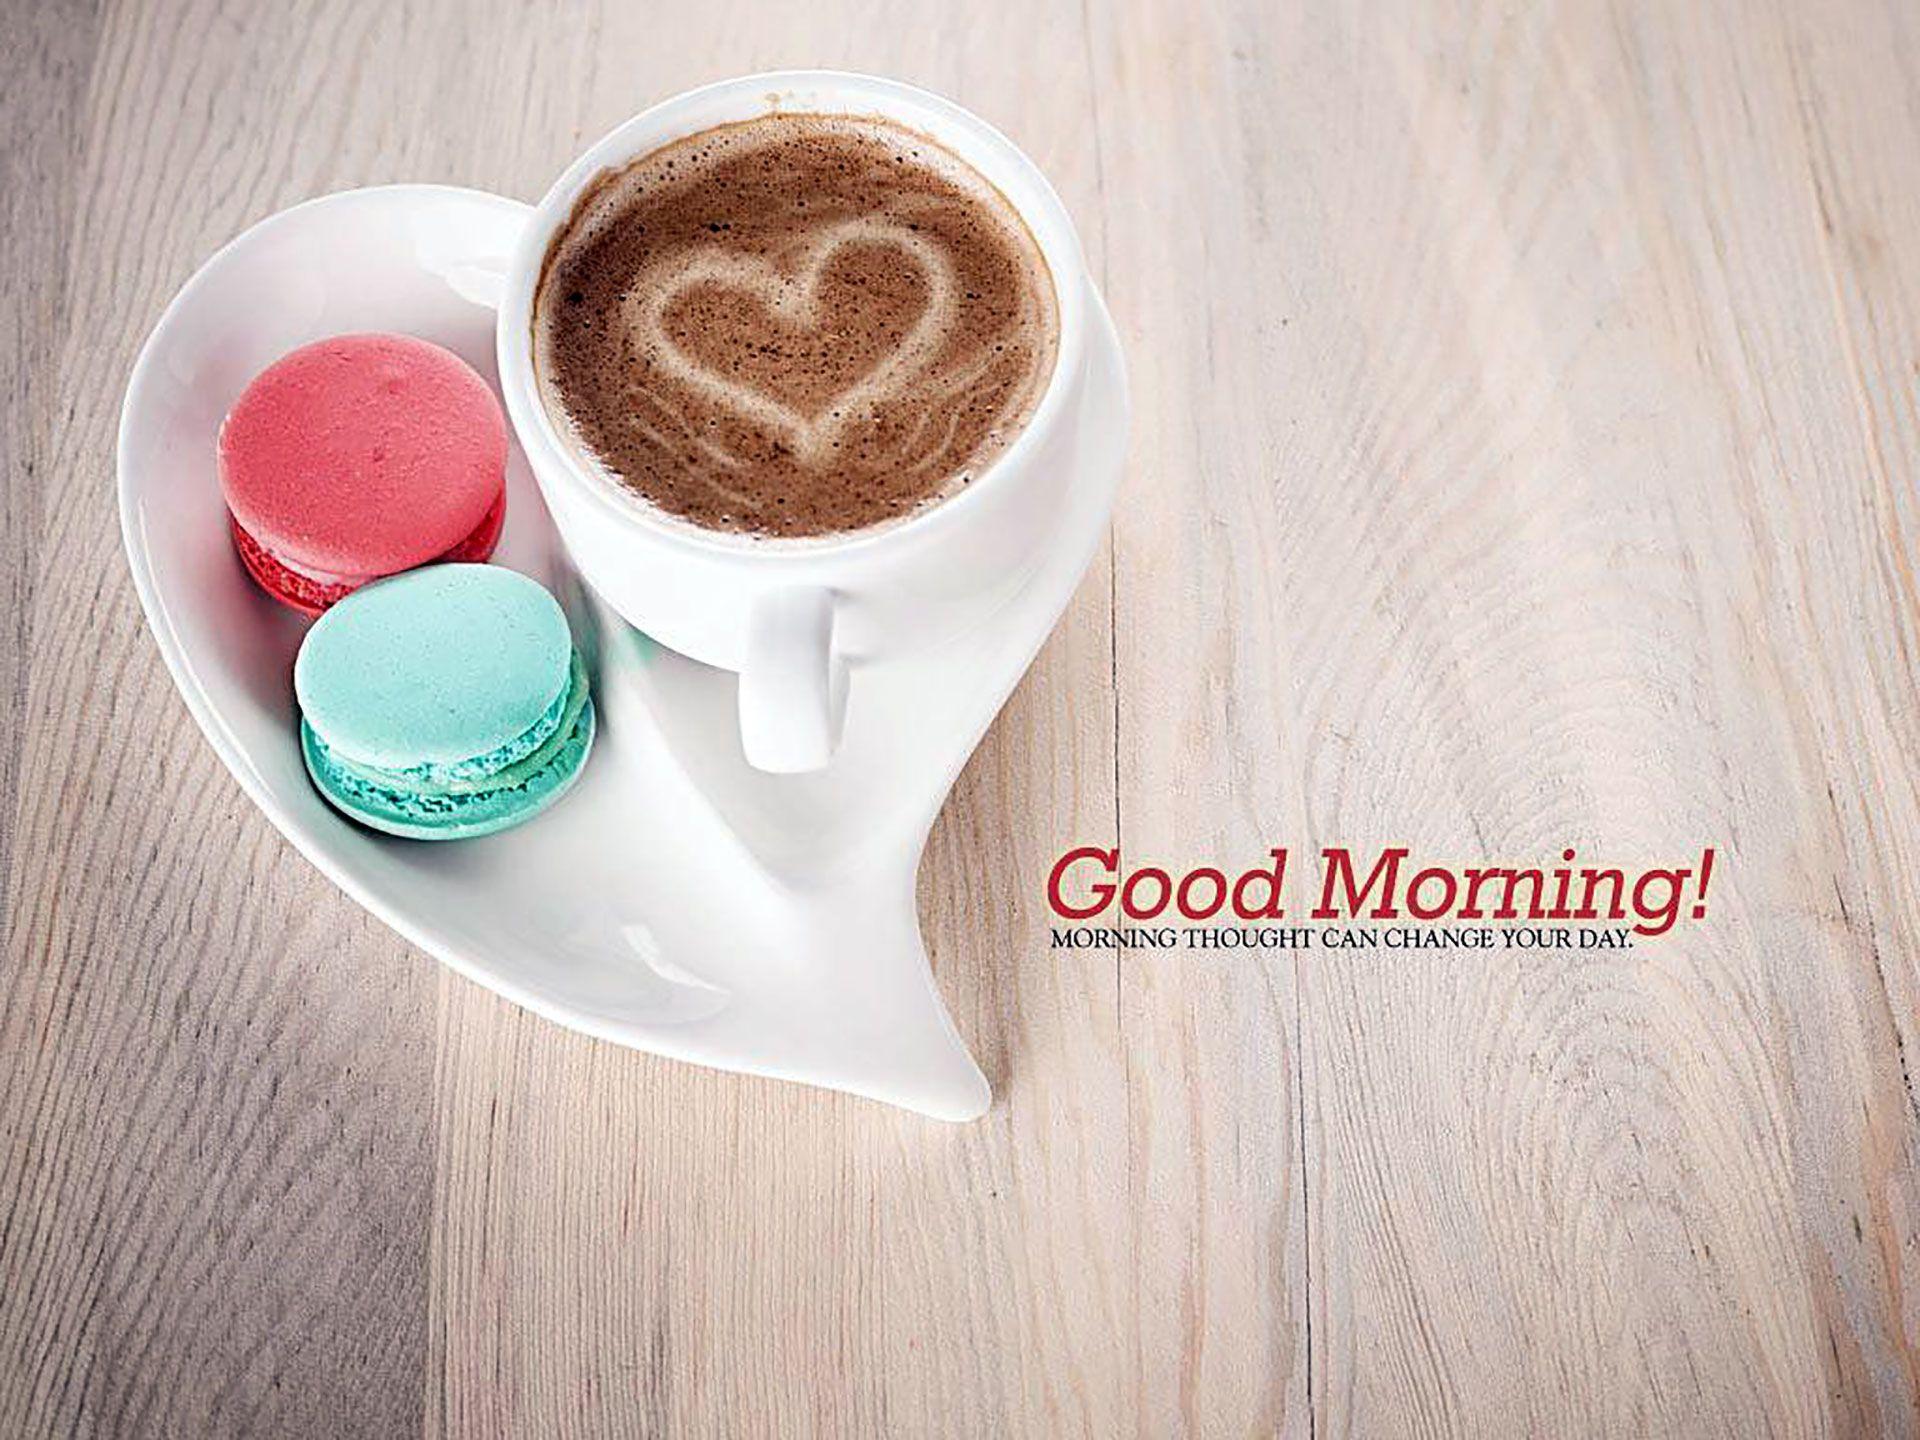 Những hình ảnh chào buổi sáng đẹp và lãng mạn cho người yêu